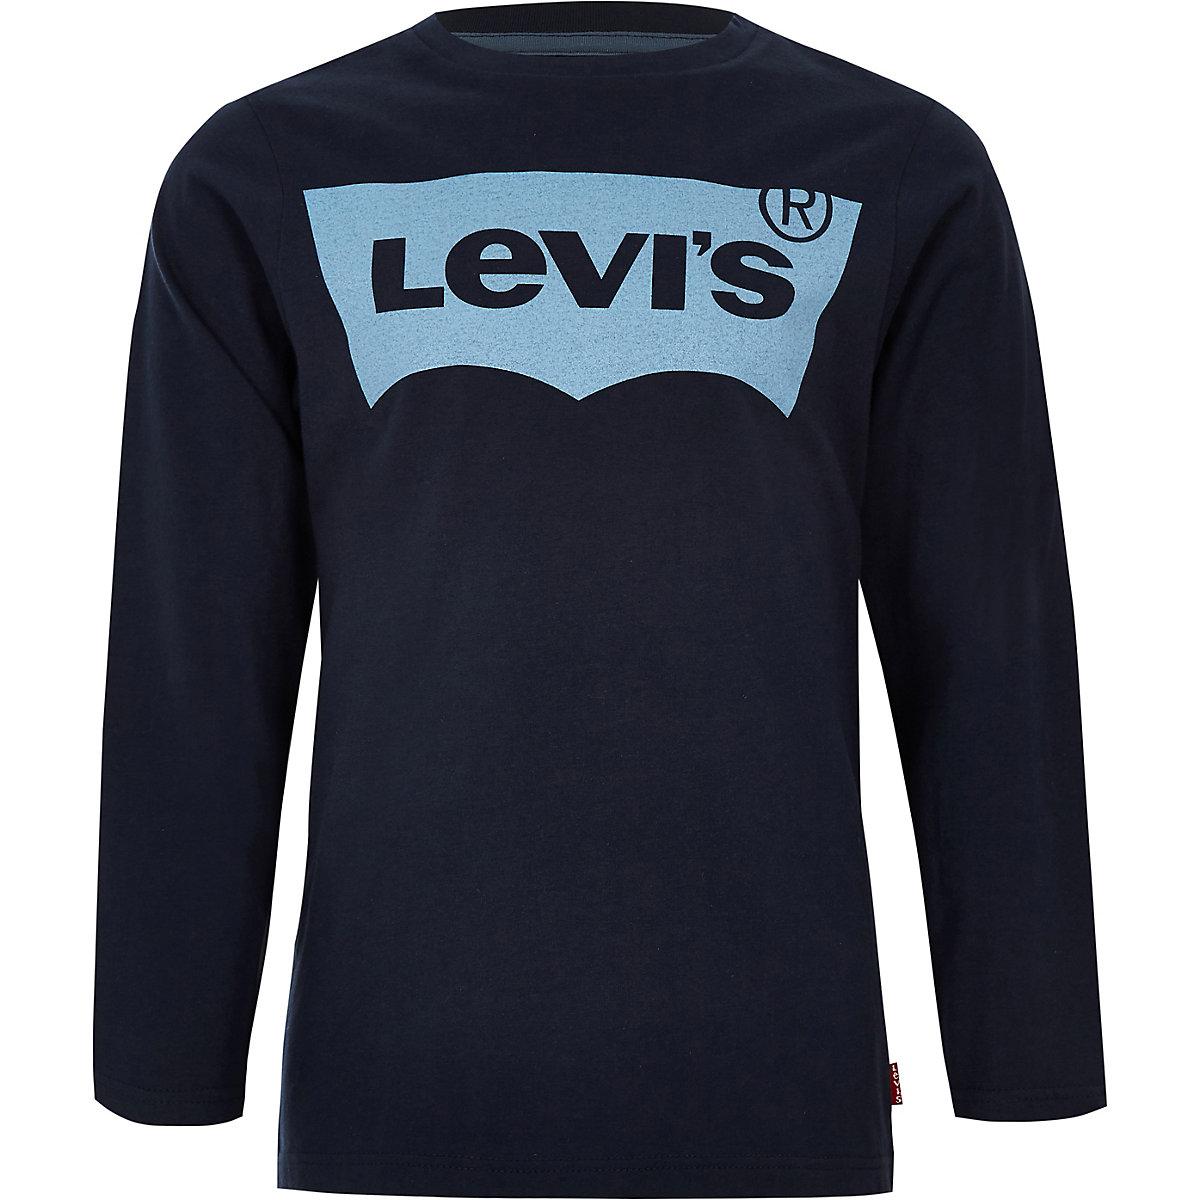 Boys Levi's navy long sleeve T-shirt